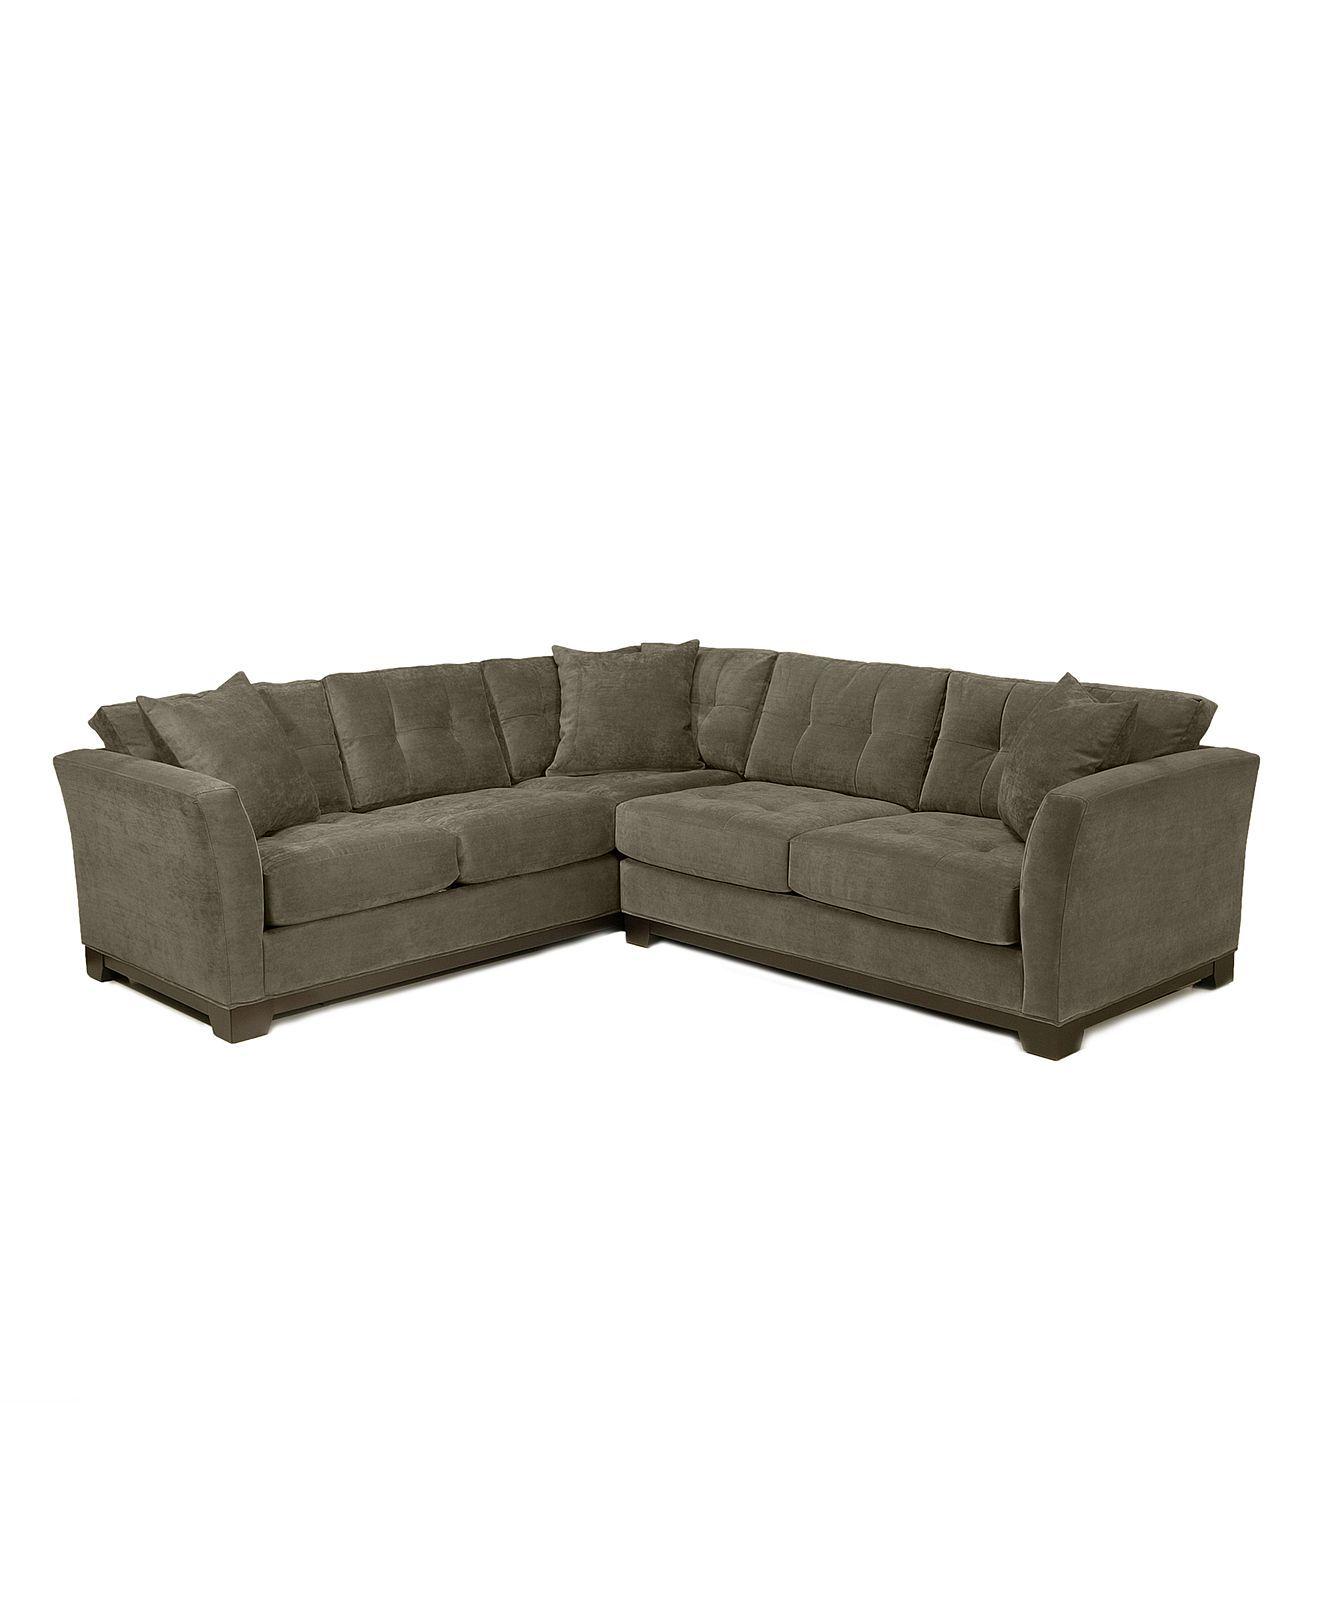 Best Elliot Fabric Microfiber Sectional Sofa 2 Piece 108W X 400 x 300